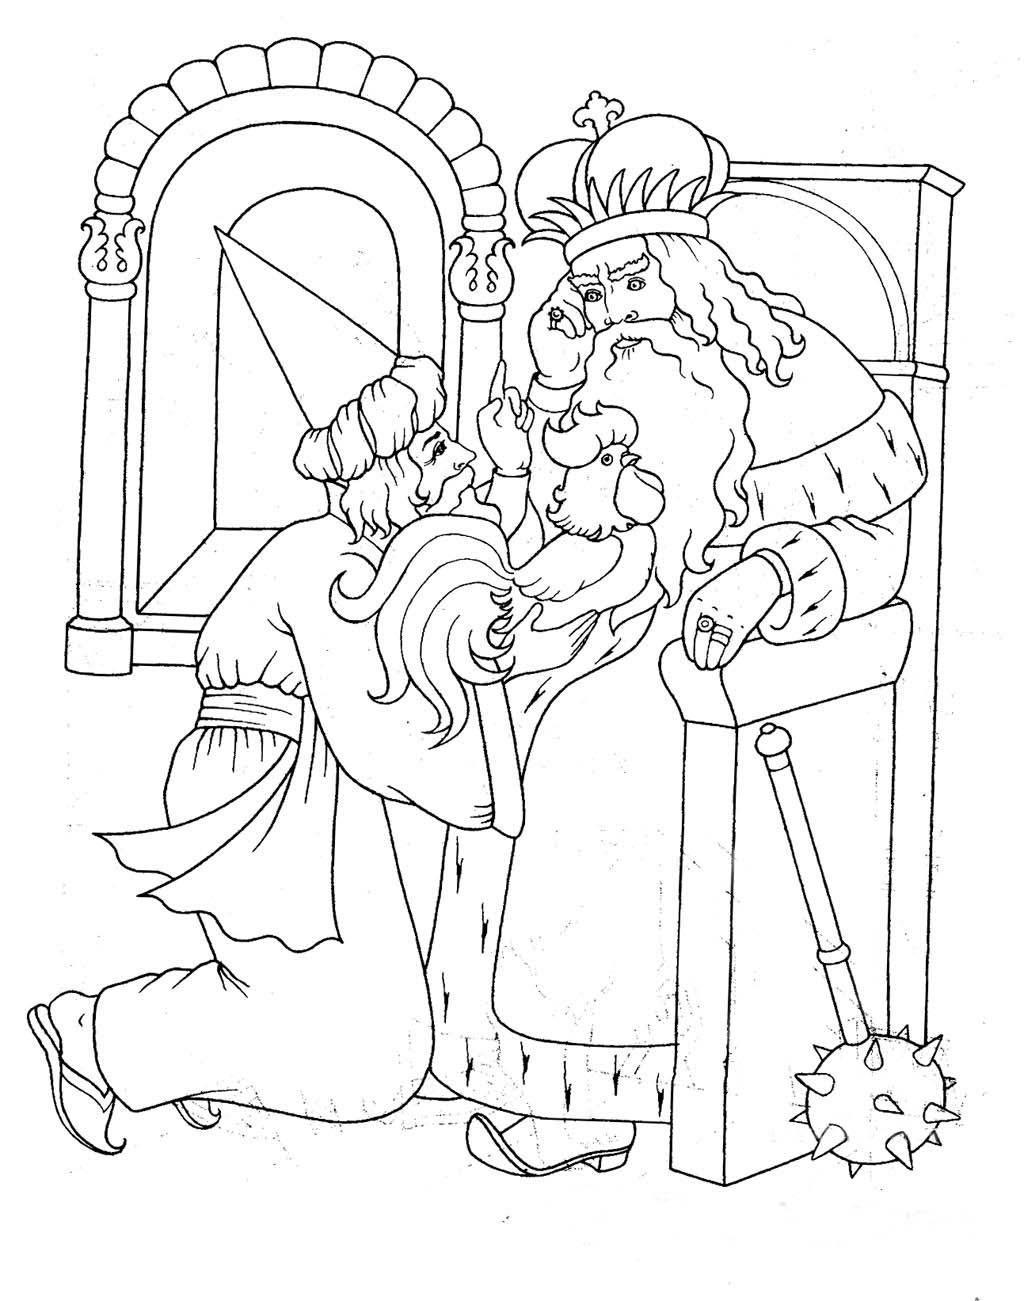 Розмальовки розмальовки до казки золотий півник золотий півник і цар, чарівник казка розфарбування